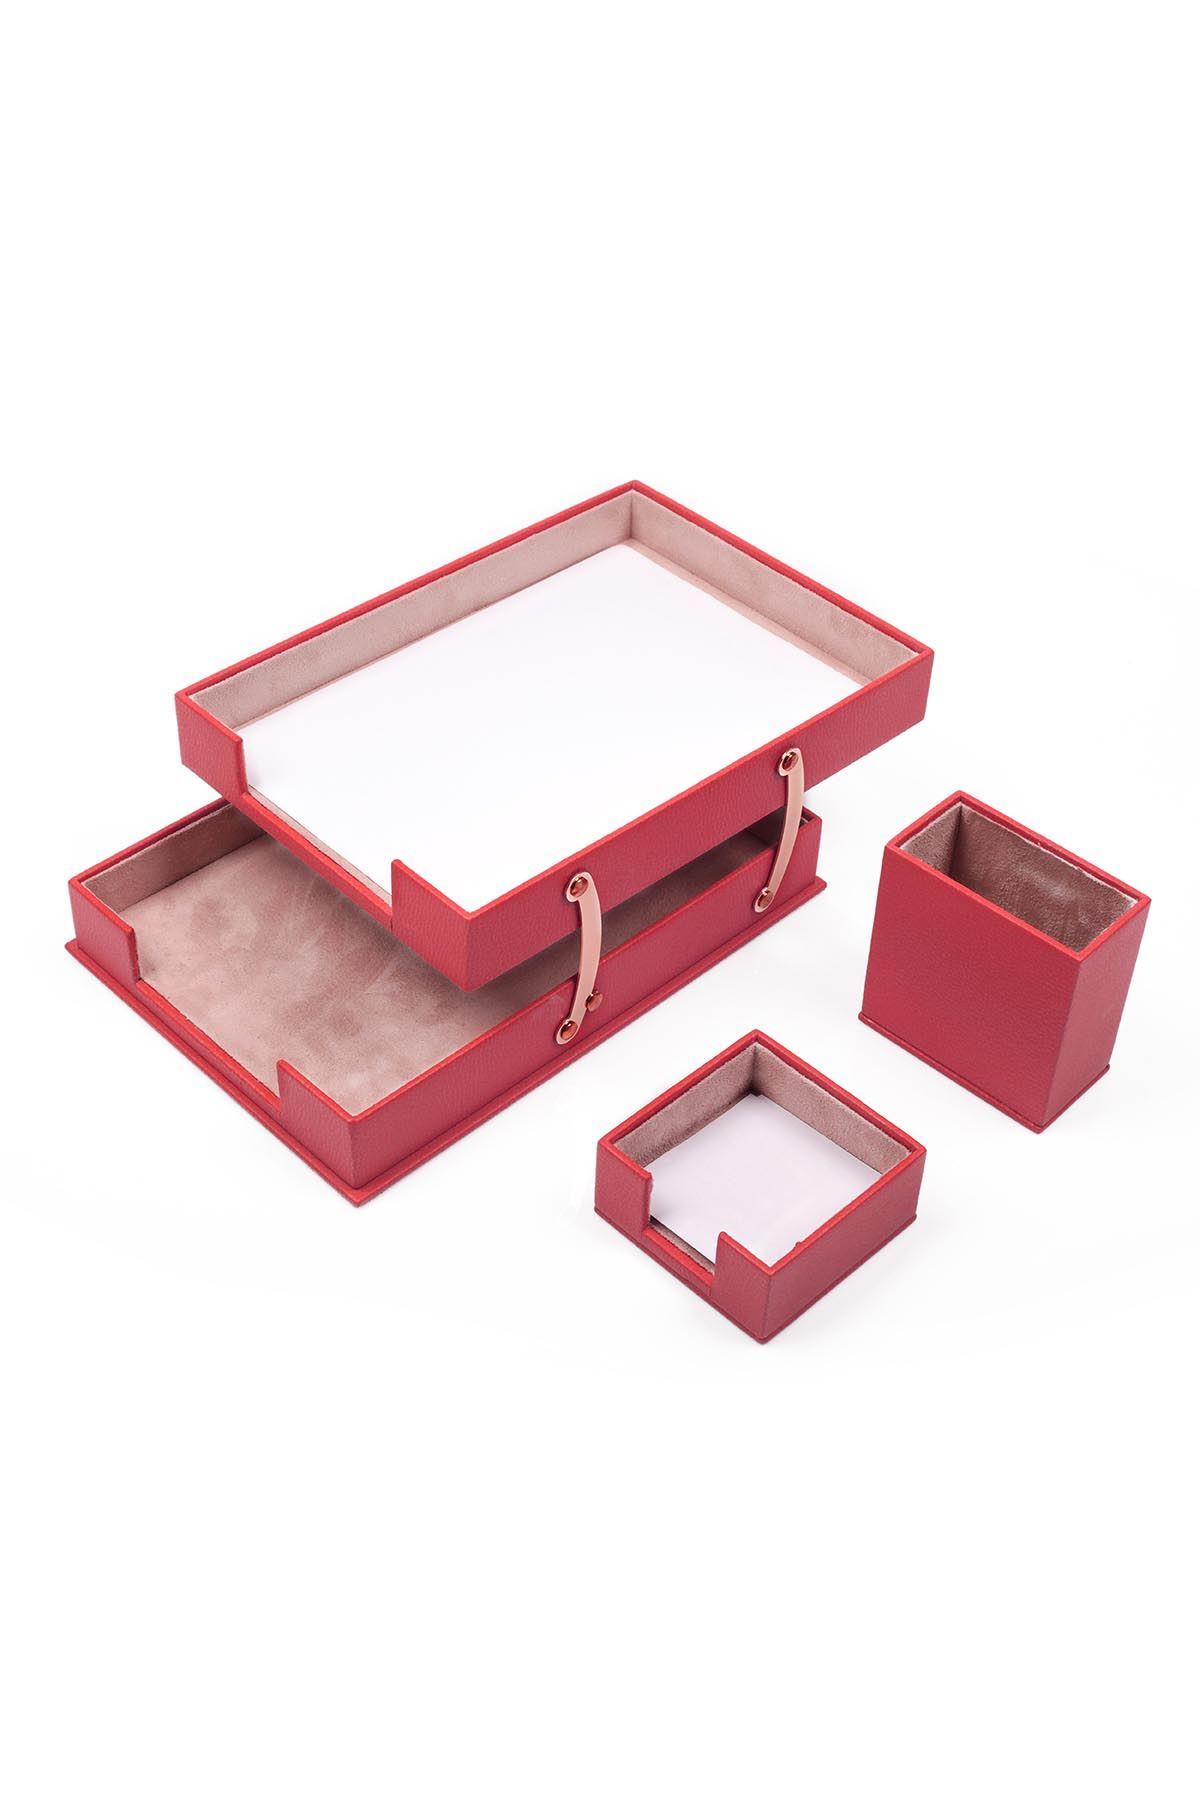 Ofis Deri 3 Parça Masa Üstü Seti Kırmızı Çiftli Evrak Rafı, Kalemlik ve Notluk